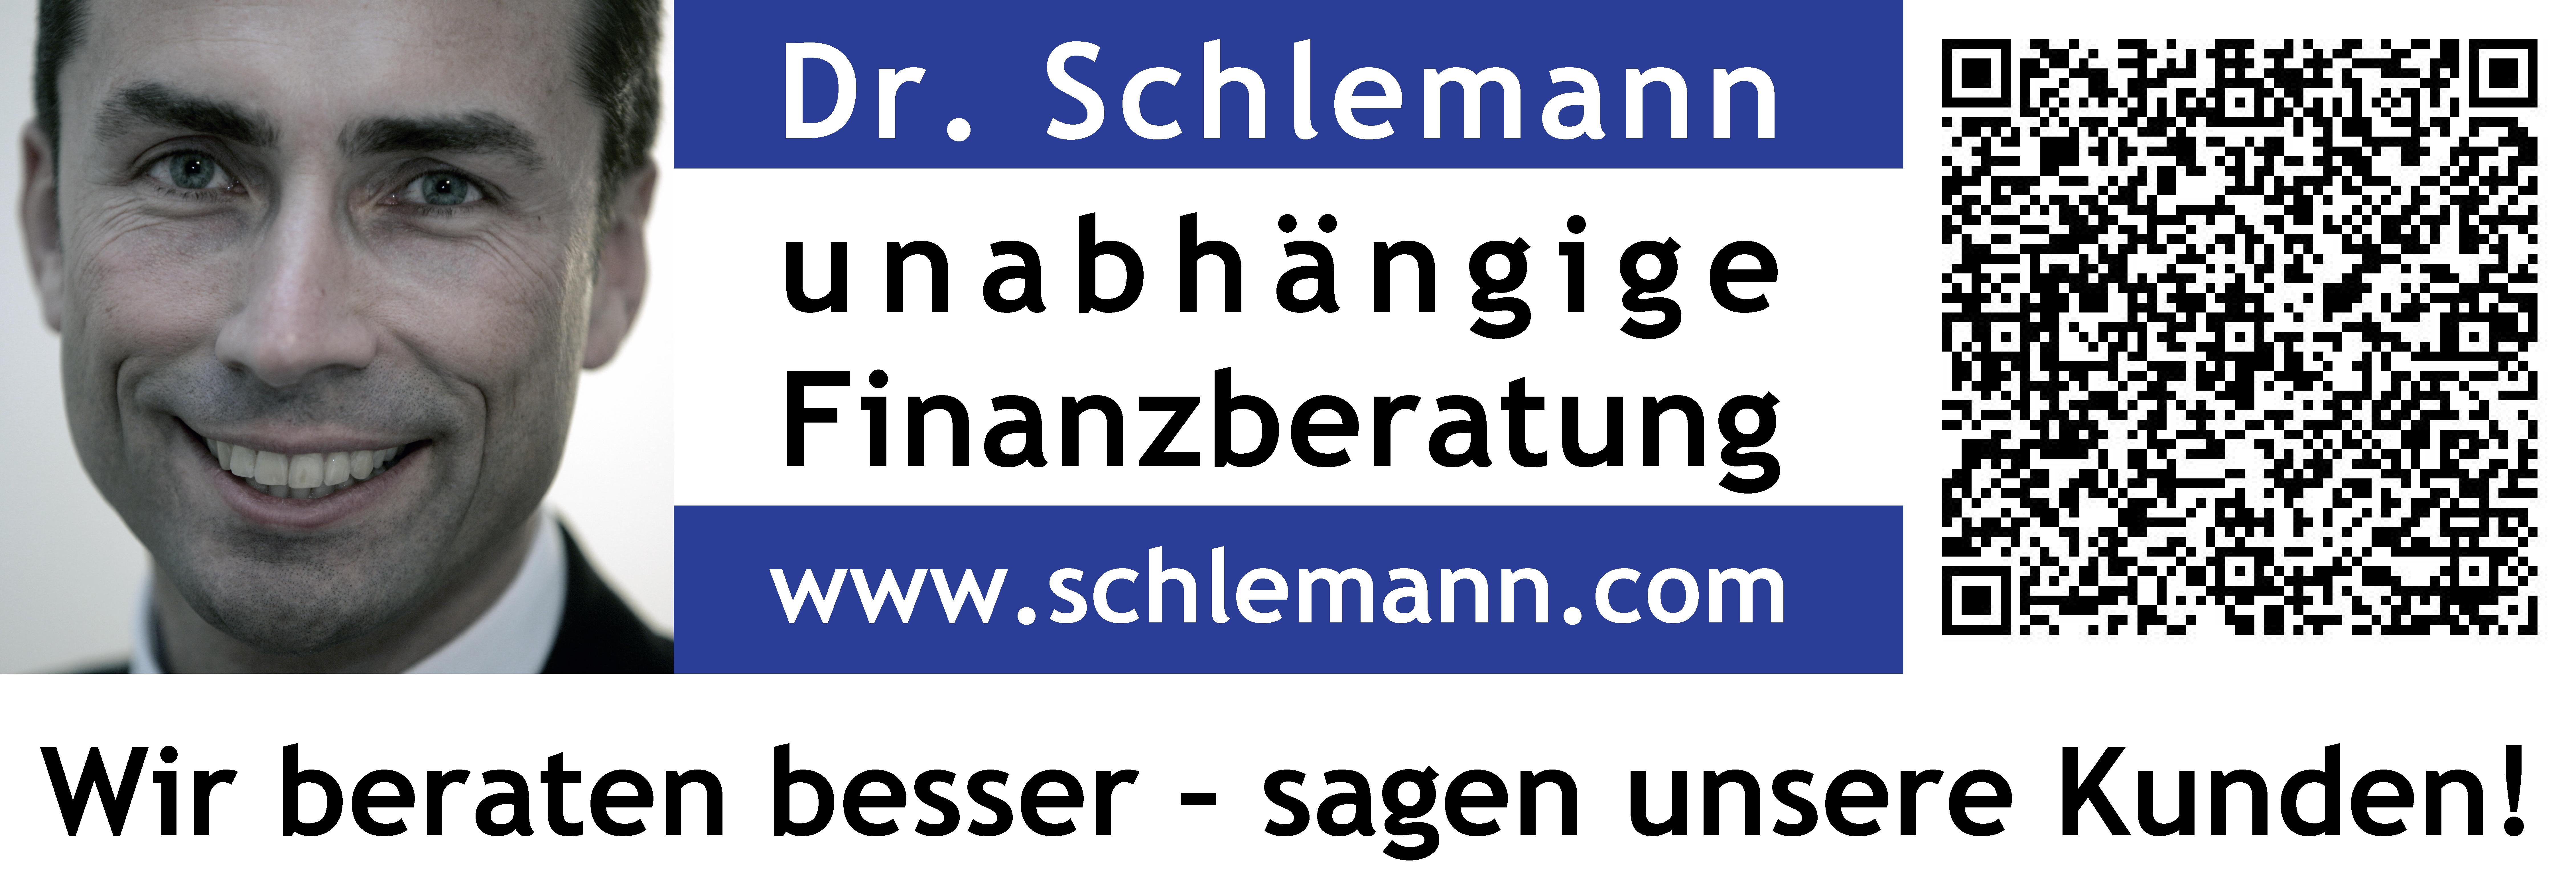 Header dr schlemann unabhaengige finanzberatung